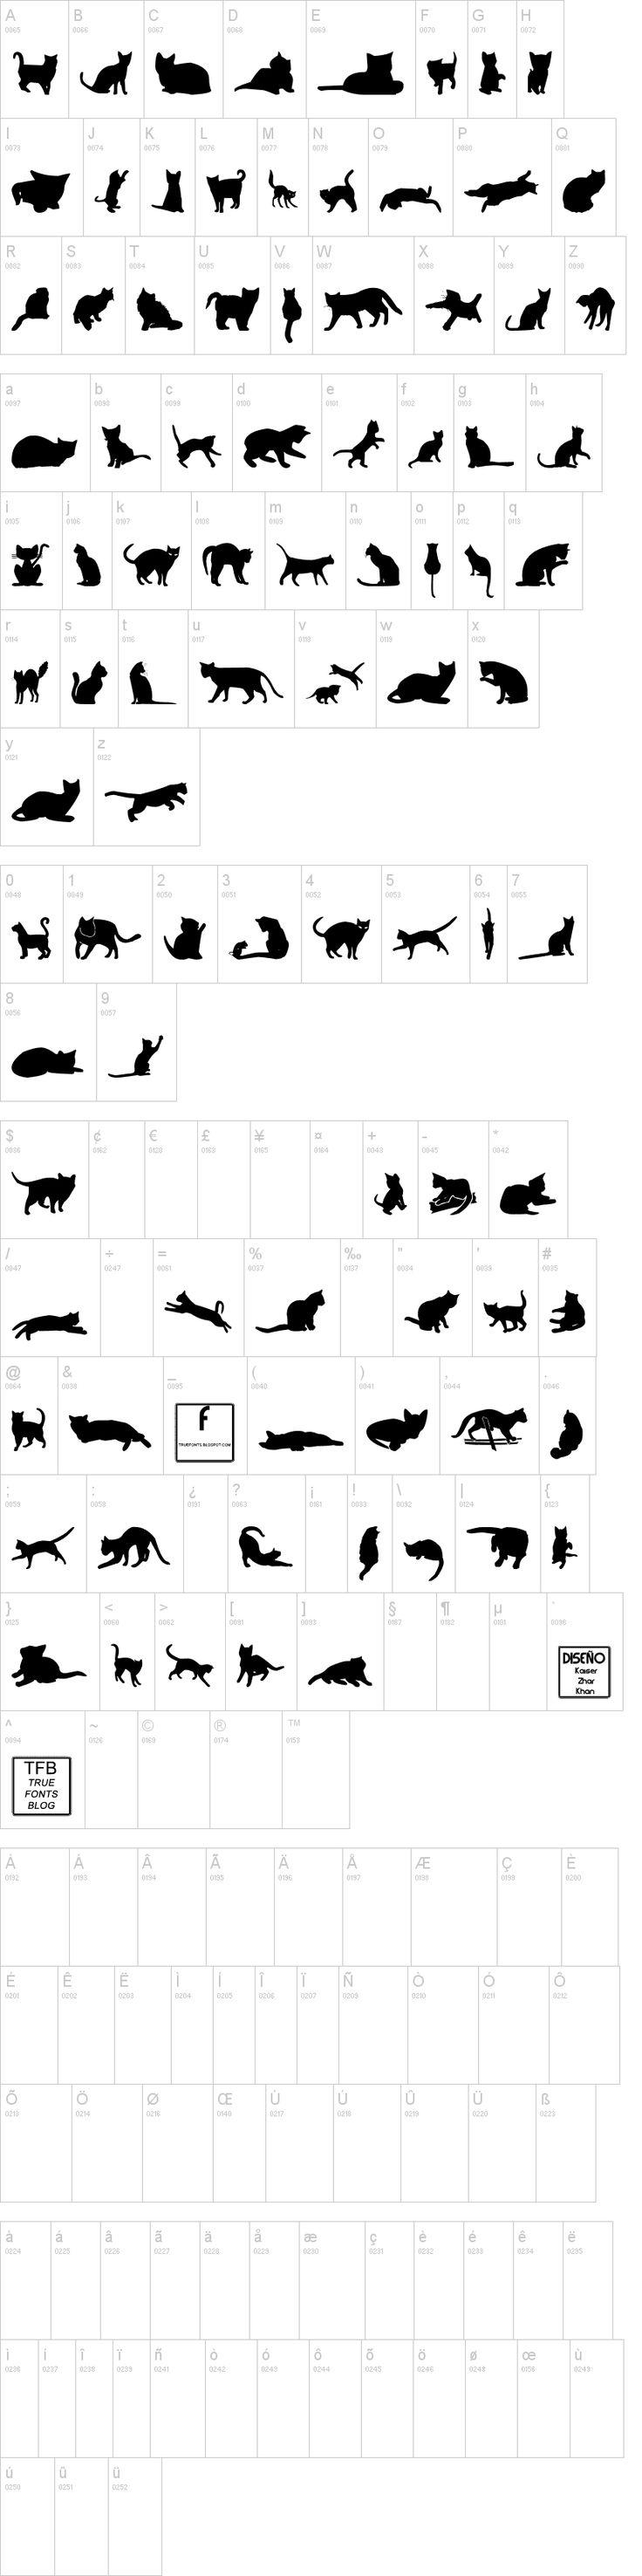 Free font ☺:Kitty Cats TFB